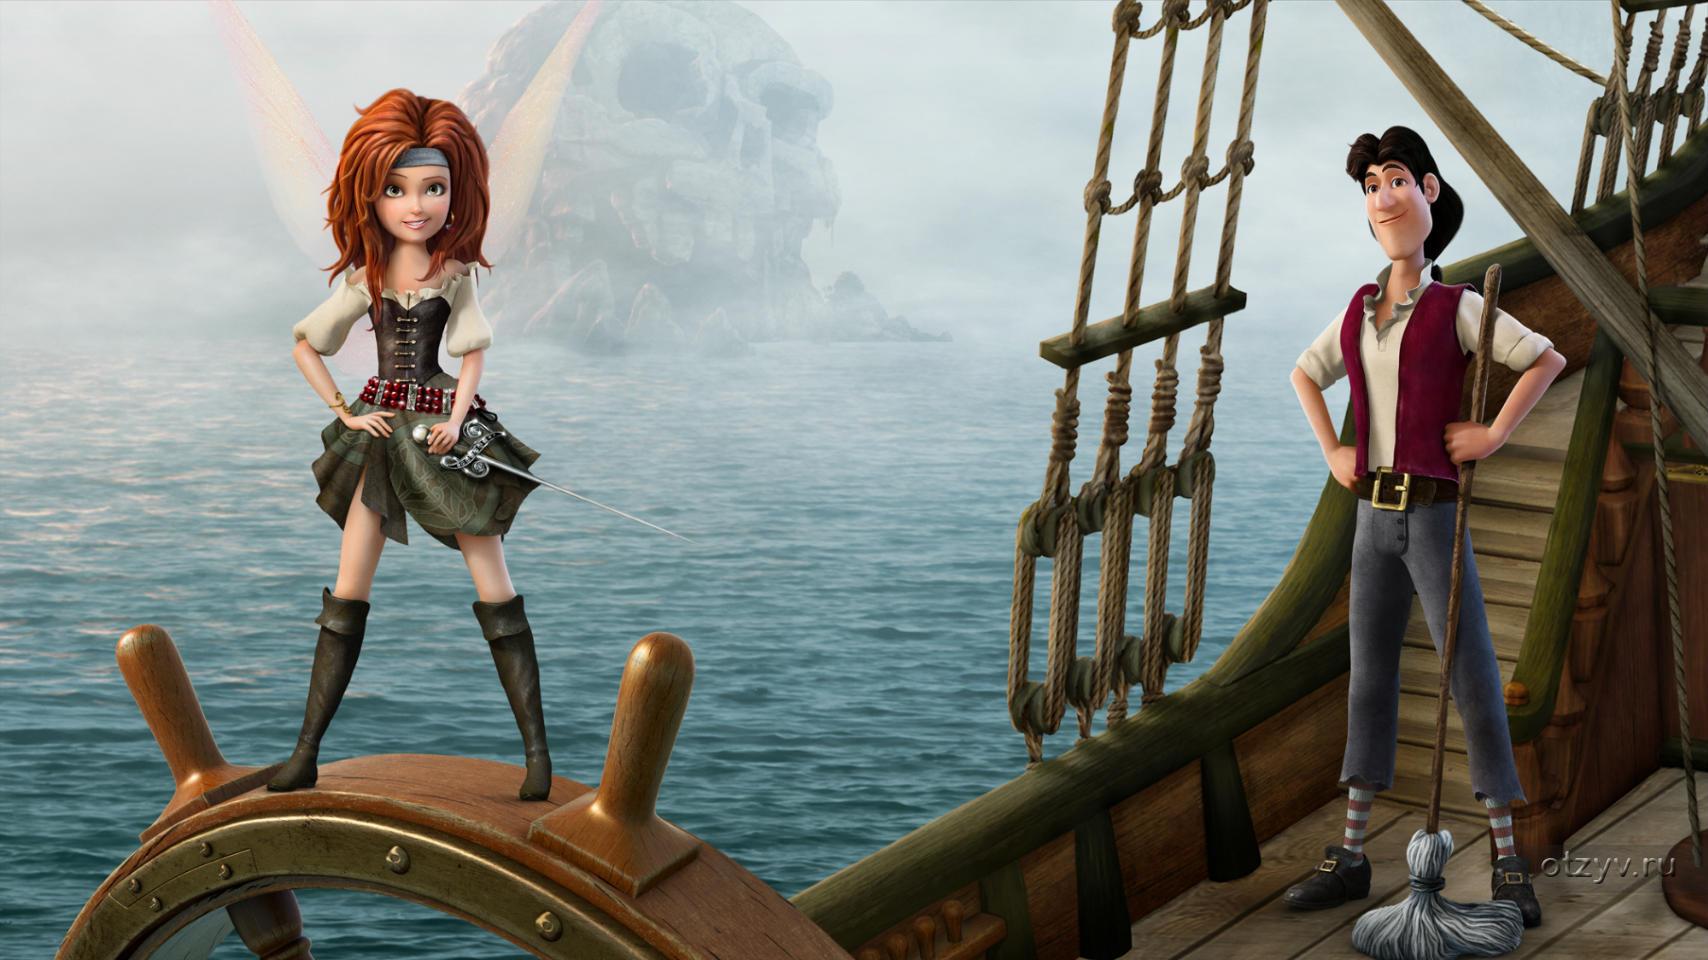 Мультфильм « Феи: Загадка пиратского острова